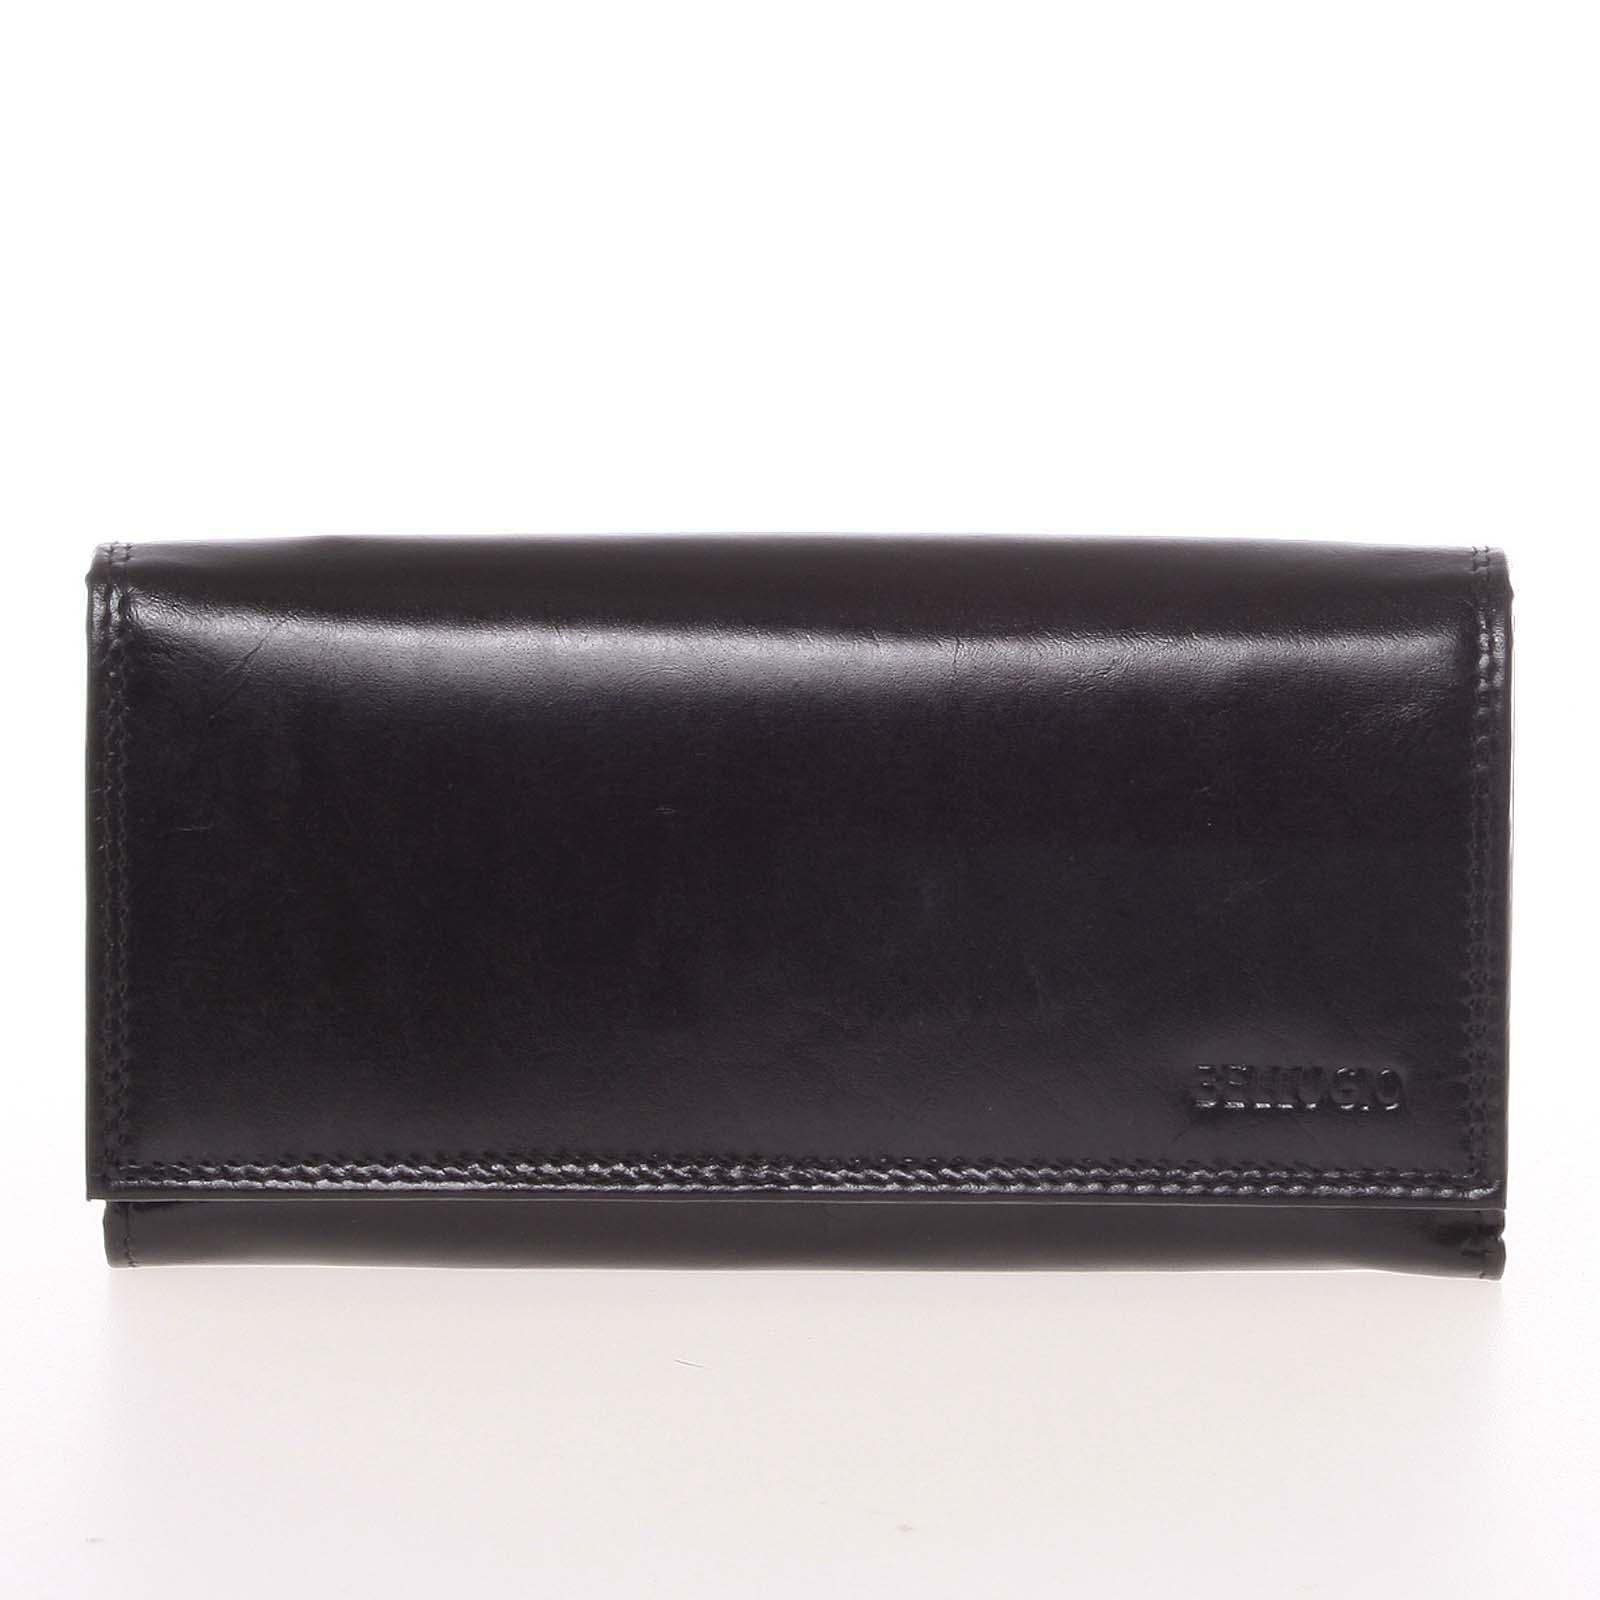 Veľká dámska čierna kožená peňaženka - Bellugio Omega čierna